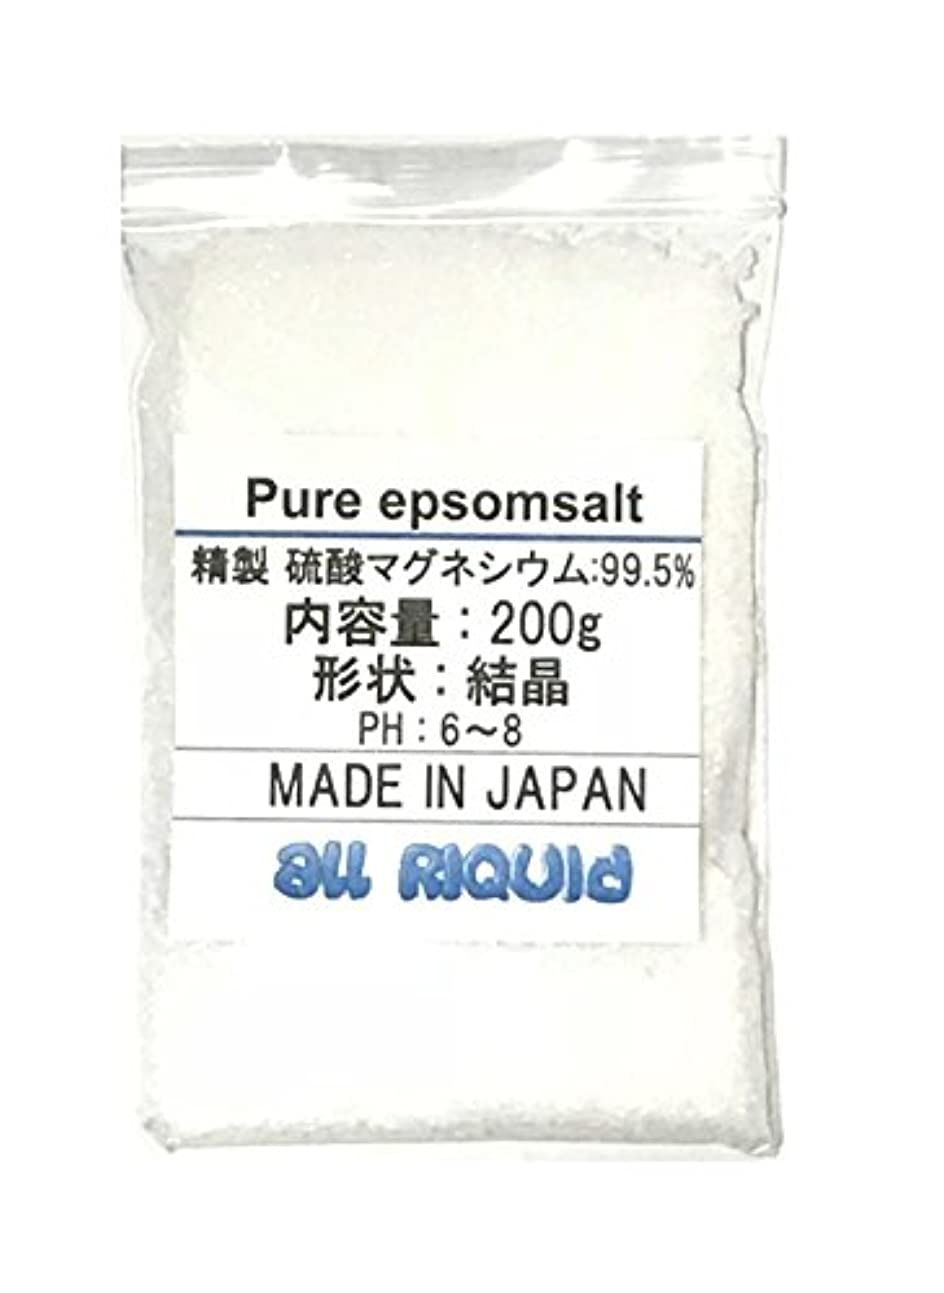 イタリアのリーチ賢い純 エプソム 無香料 200g x2 (硫酸マグネシウム) 2回分 99.5% 国産品 オールリキッド